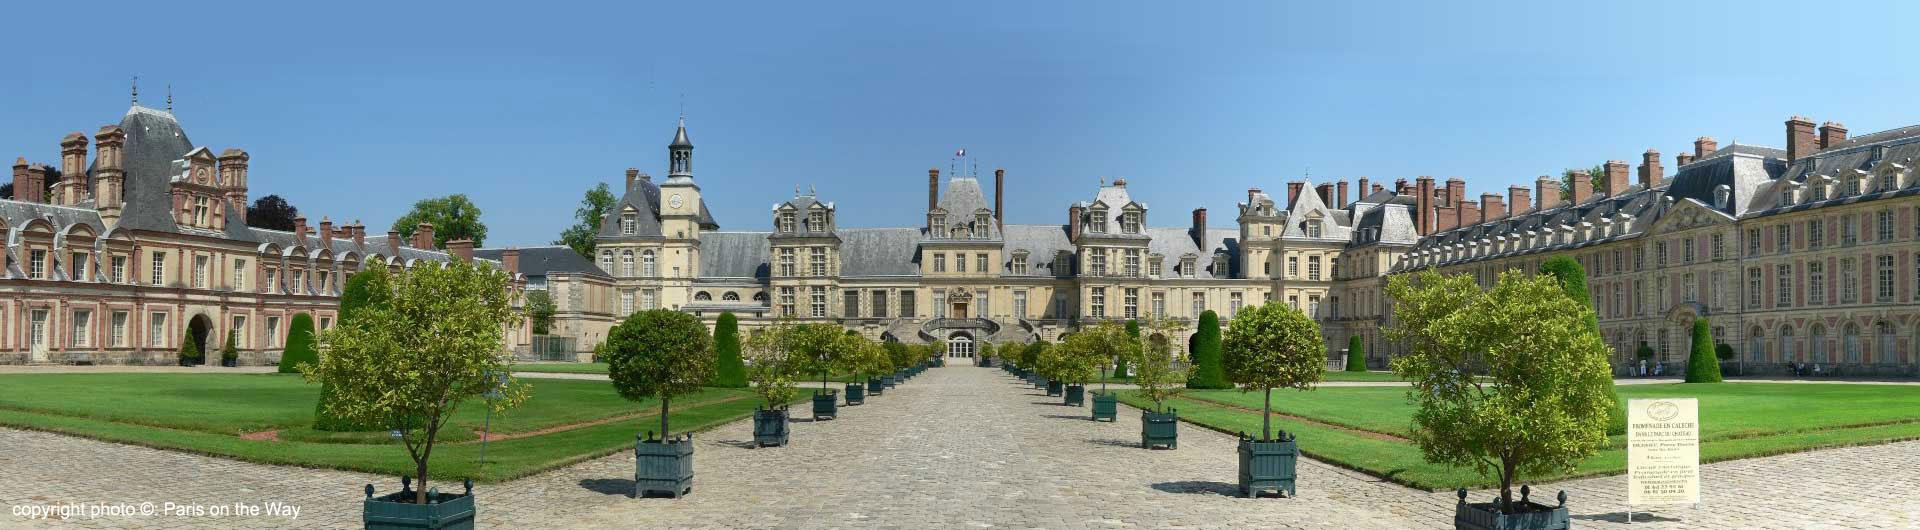 Visite guidée Château de Fontainebleau - visite du château avec ...